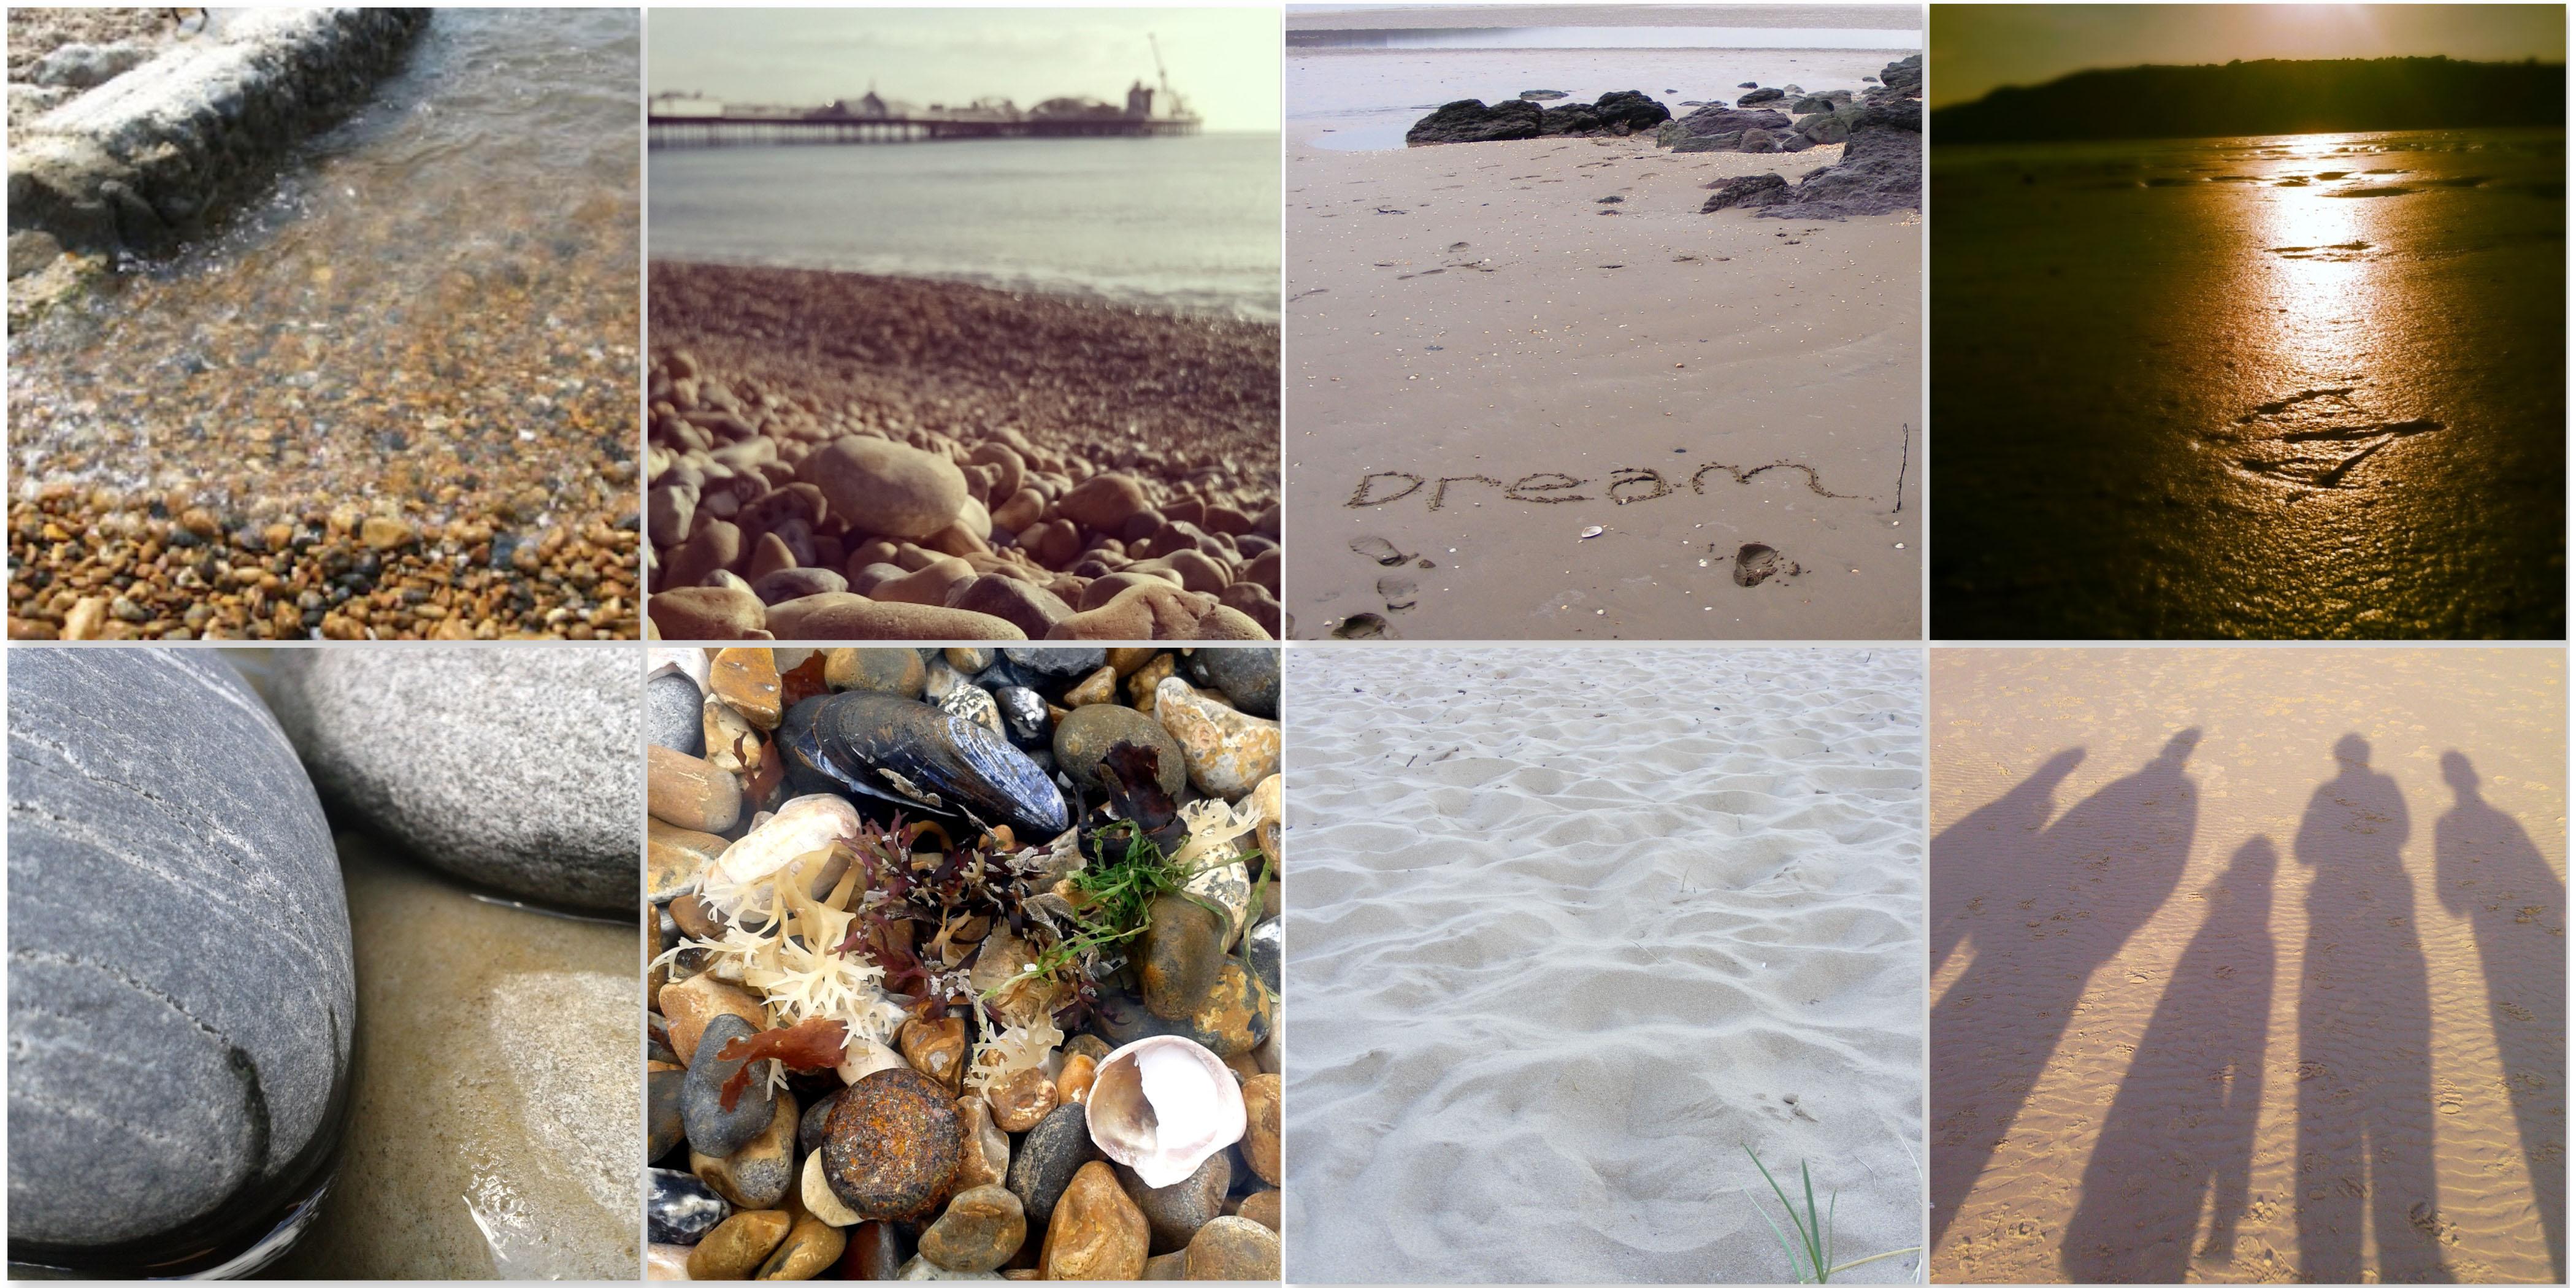 Pebbles-vs-Sand-The-Last-Krystallos